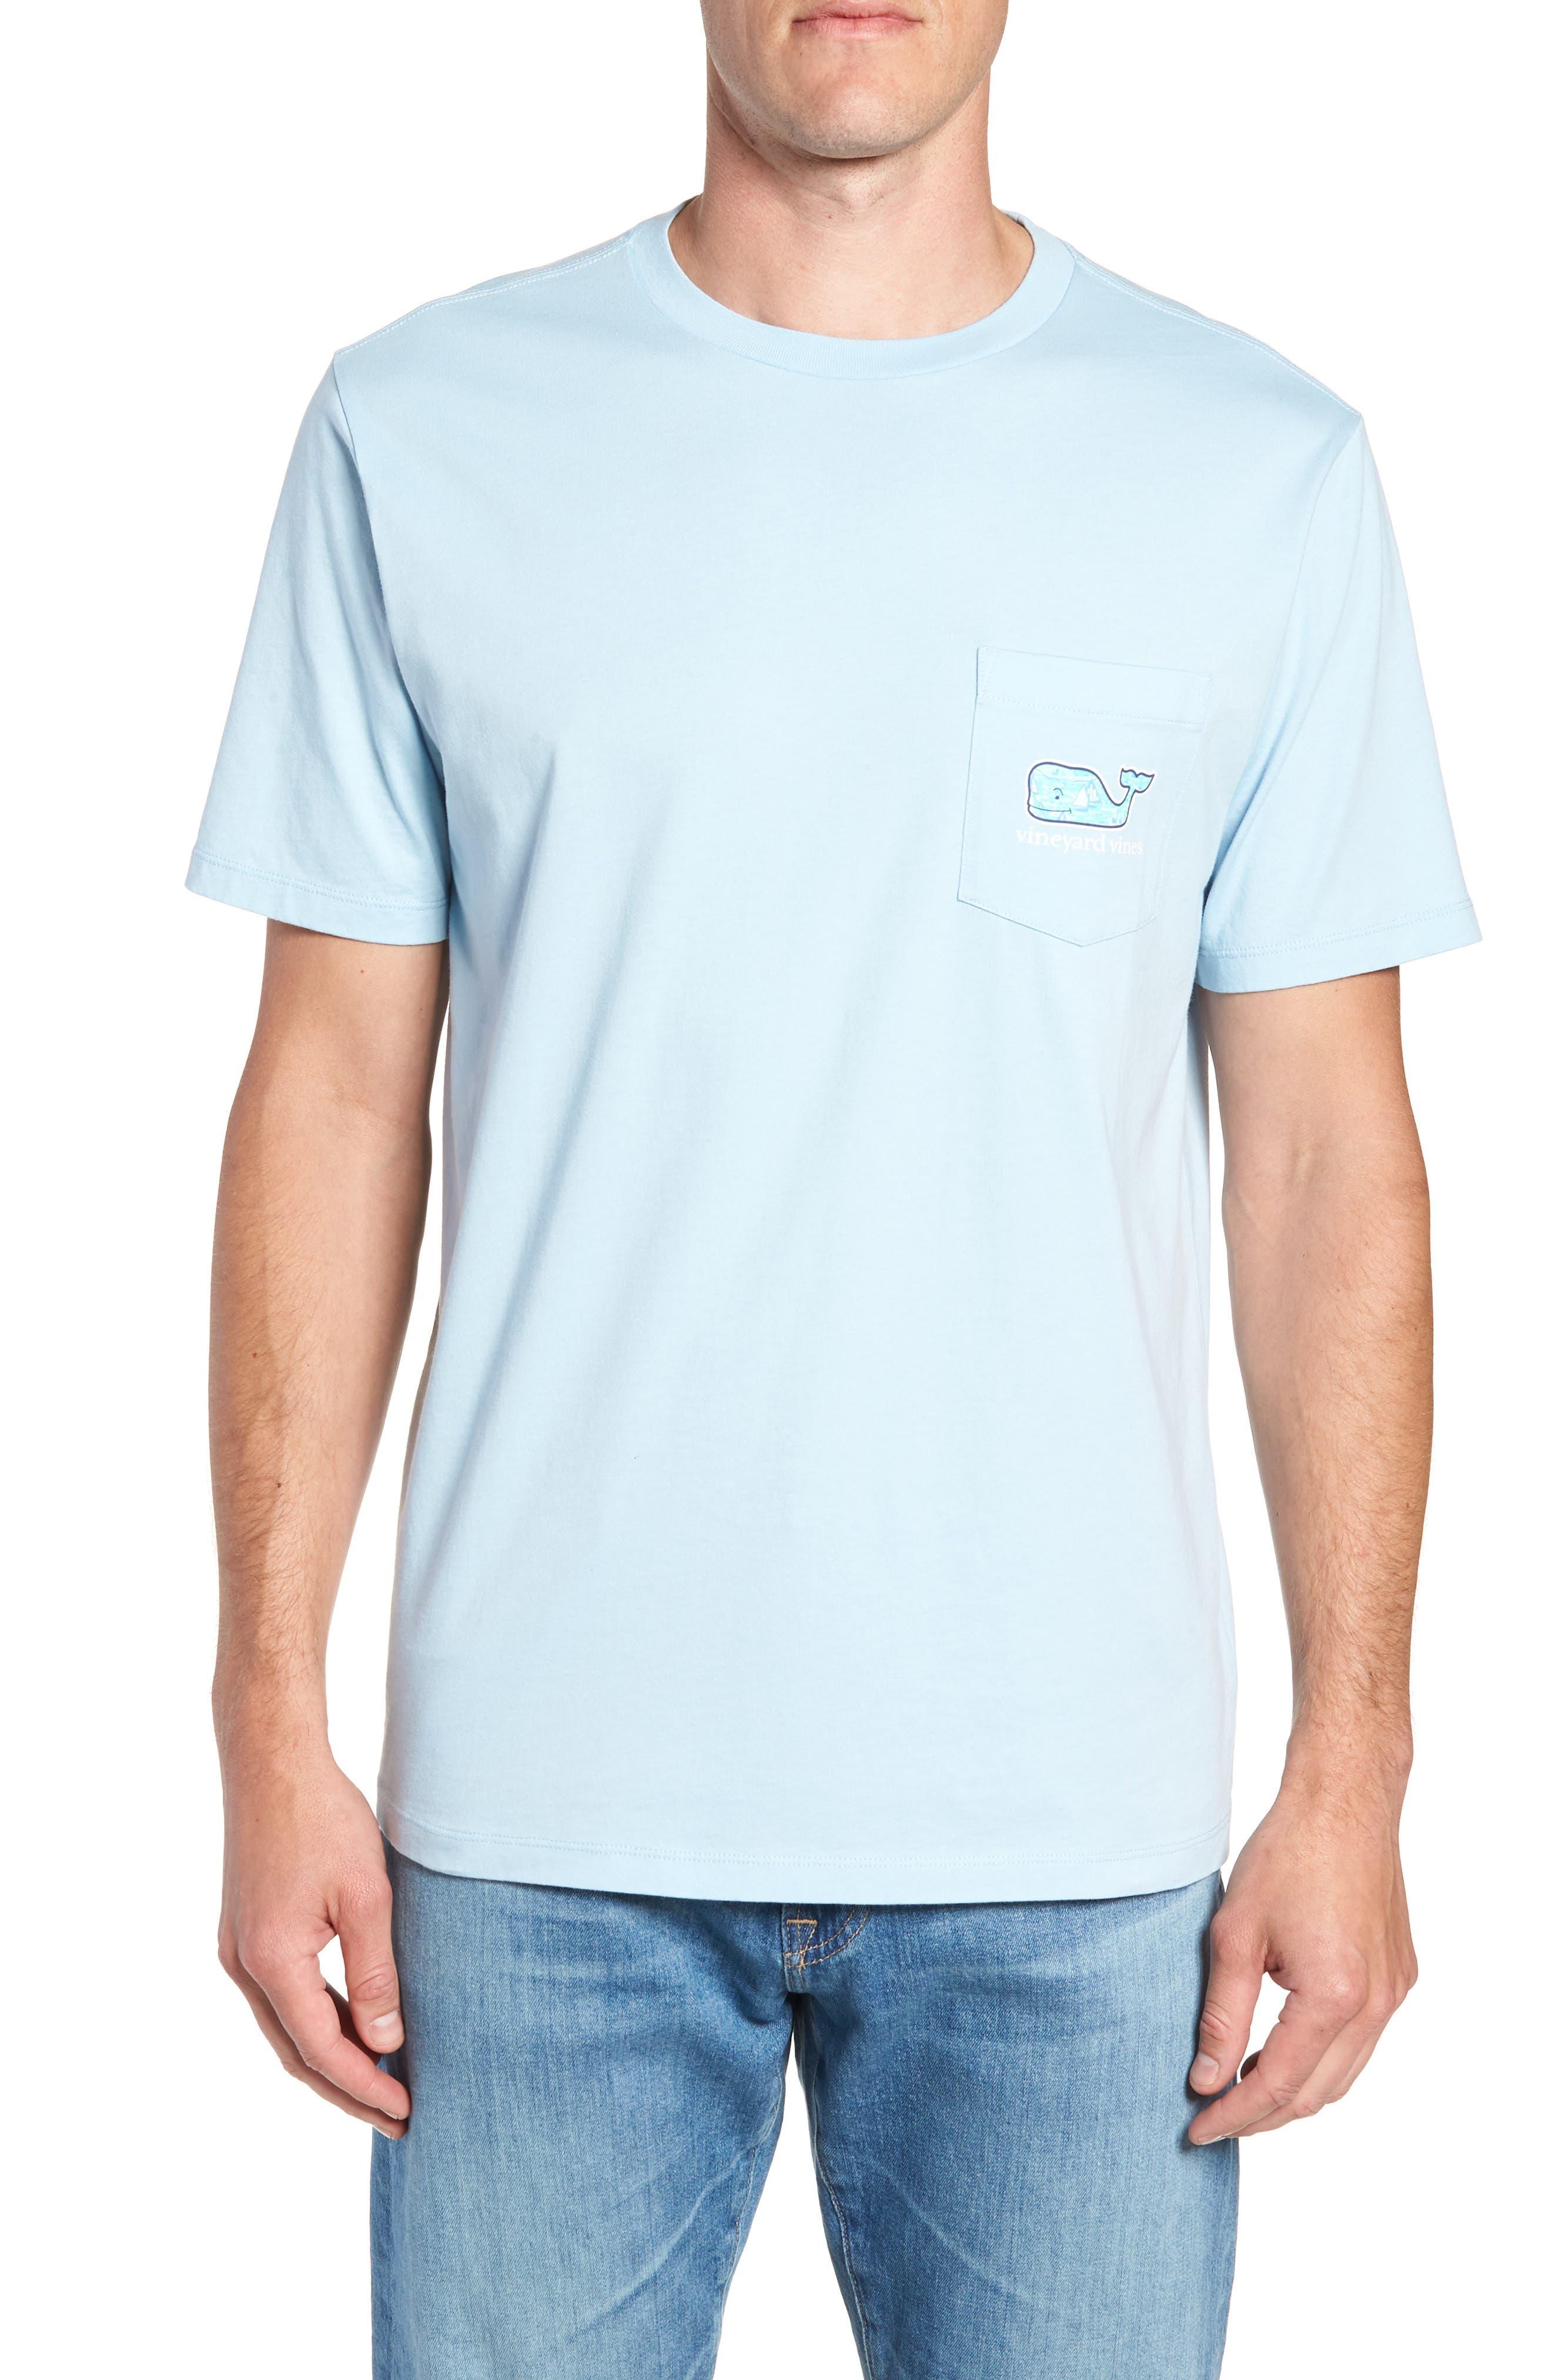 Sailing the Vineyard Pocket T-Shirt,                             Main thumbnail 1, color,                             Jake Blue